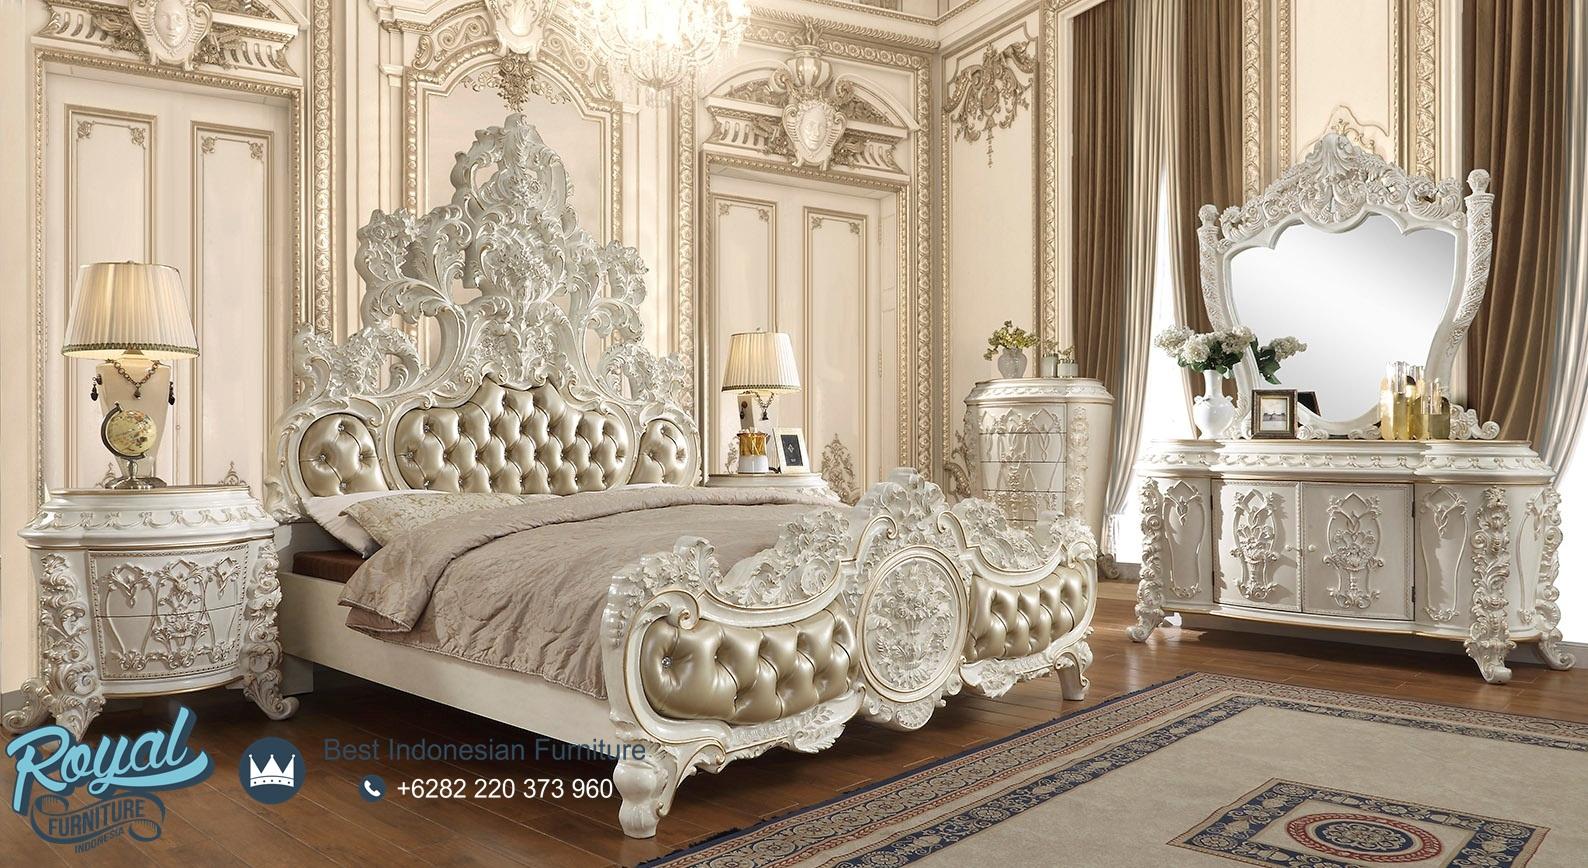 Bedroom Kamar Tidur Mewah Klasik Luxury Ukiran Jepara Terbaru, Set Kamar Tidur Mewah Klasik Kayu Jati Ukiran Jepara, tempat tidur mewah modern, tempat tidur mewah jepara, gambar kamar tidur mewah, desain kamar mewah elegan, tempat tidur mewah klasik, kamar tidur set elegan, kamar tidur mewah modern, tempat tidur mewah terbaru, model kamar set pengantin terbaru, harga tempat tidur mewah modern, kamar set minimalis mewah, kamar set pengantin jati jepara, set kamar tidur mewah, set kamar tidur klasik, set kamar tidur ukir jepara, kamar set jati jepara, toko furniture kamar tidur jepara, furniture store jepara, mebel jepara, royal furniture